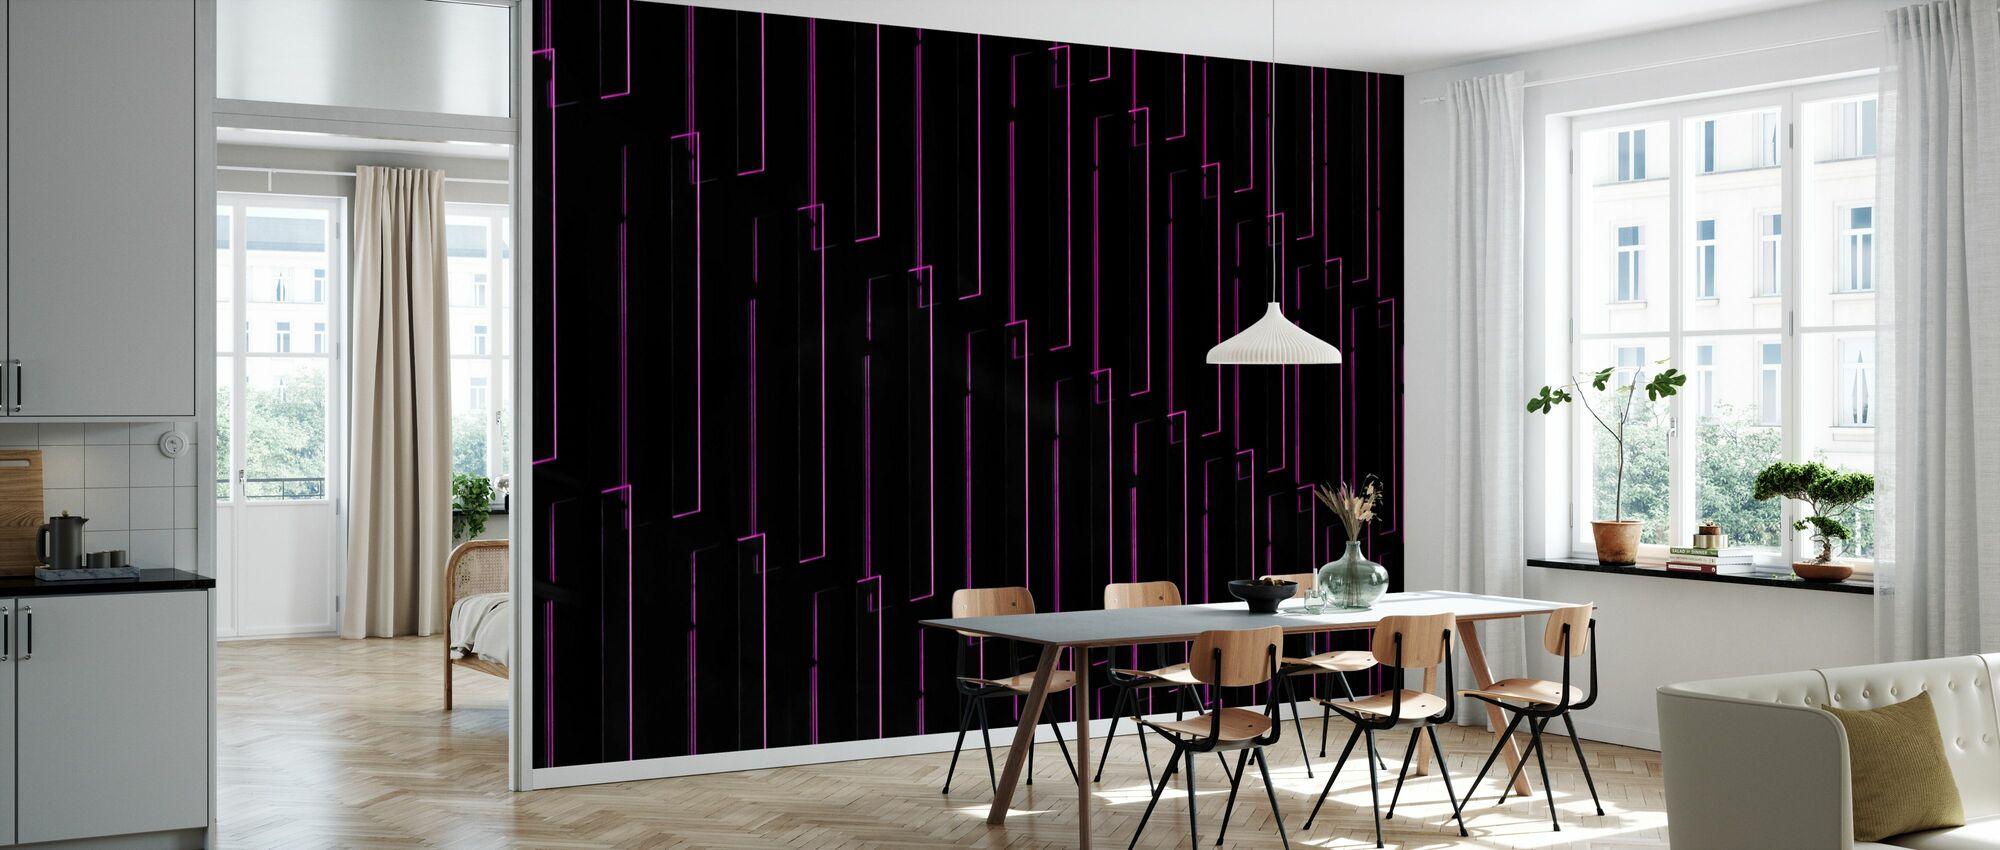 Paarse Neon Lichten - Behang - Keuken